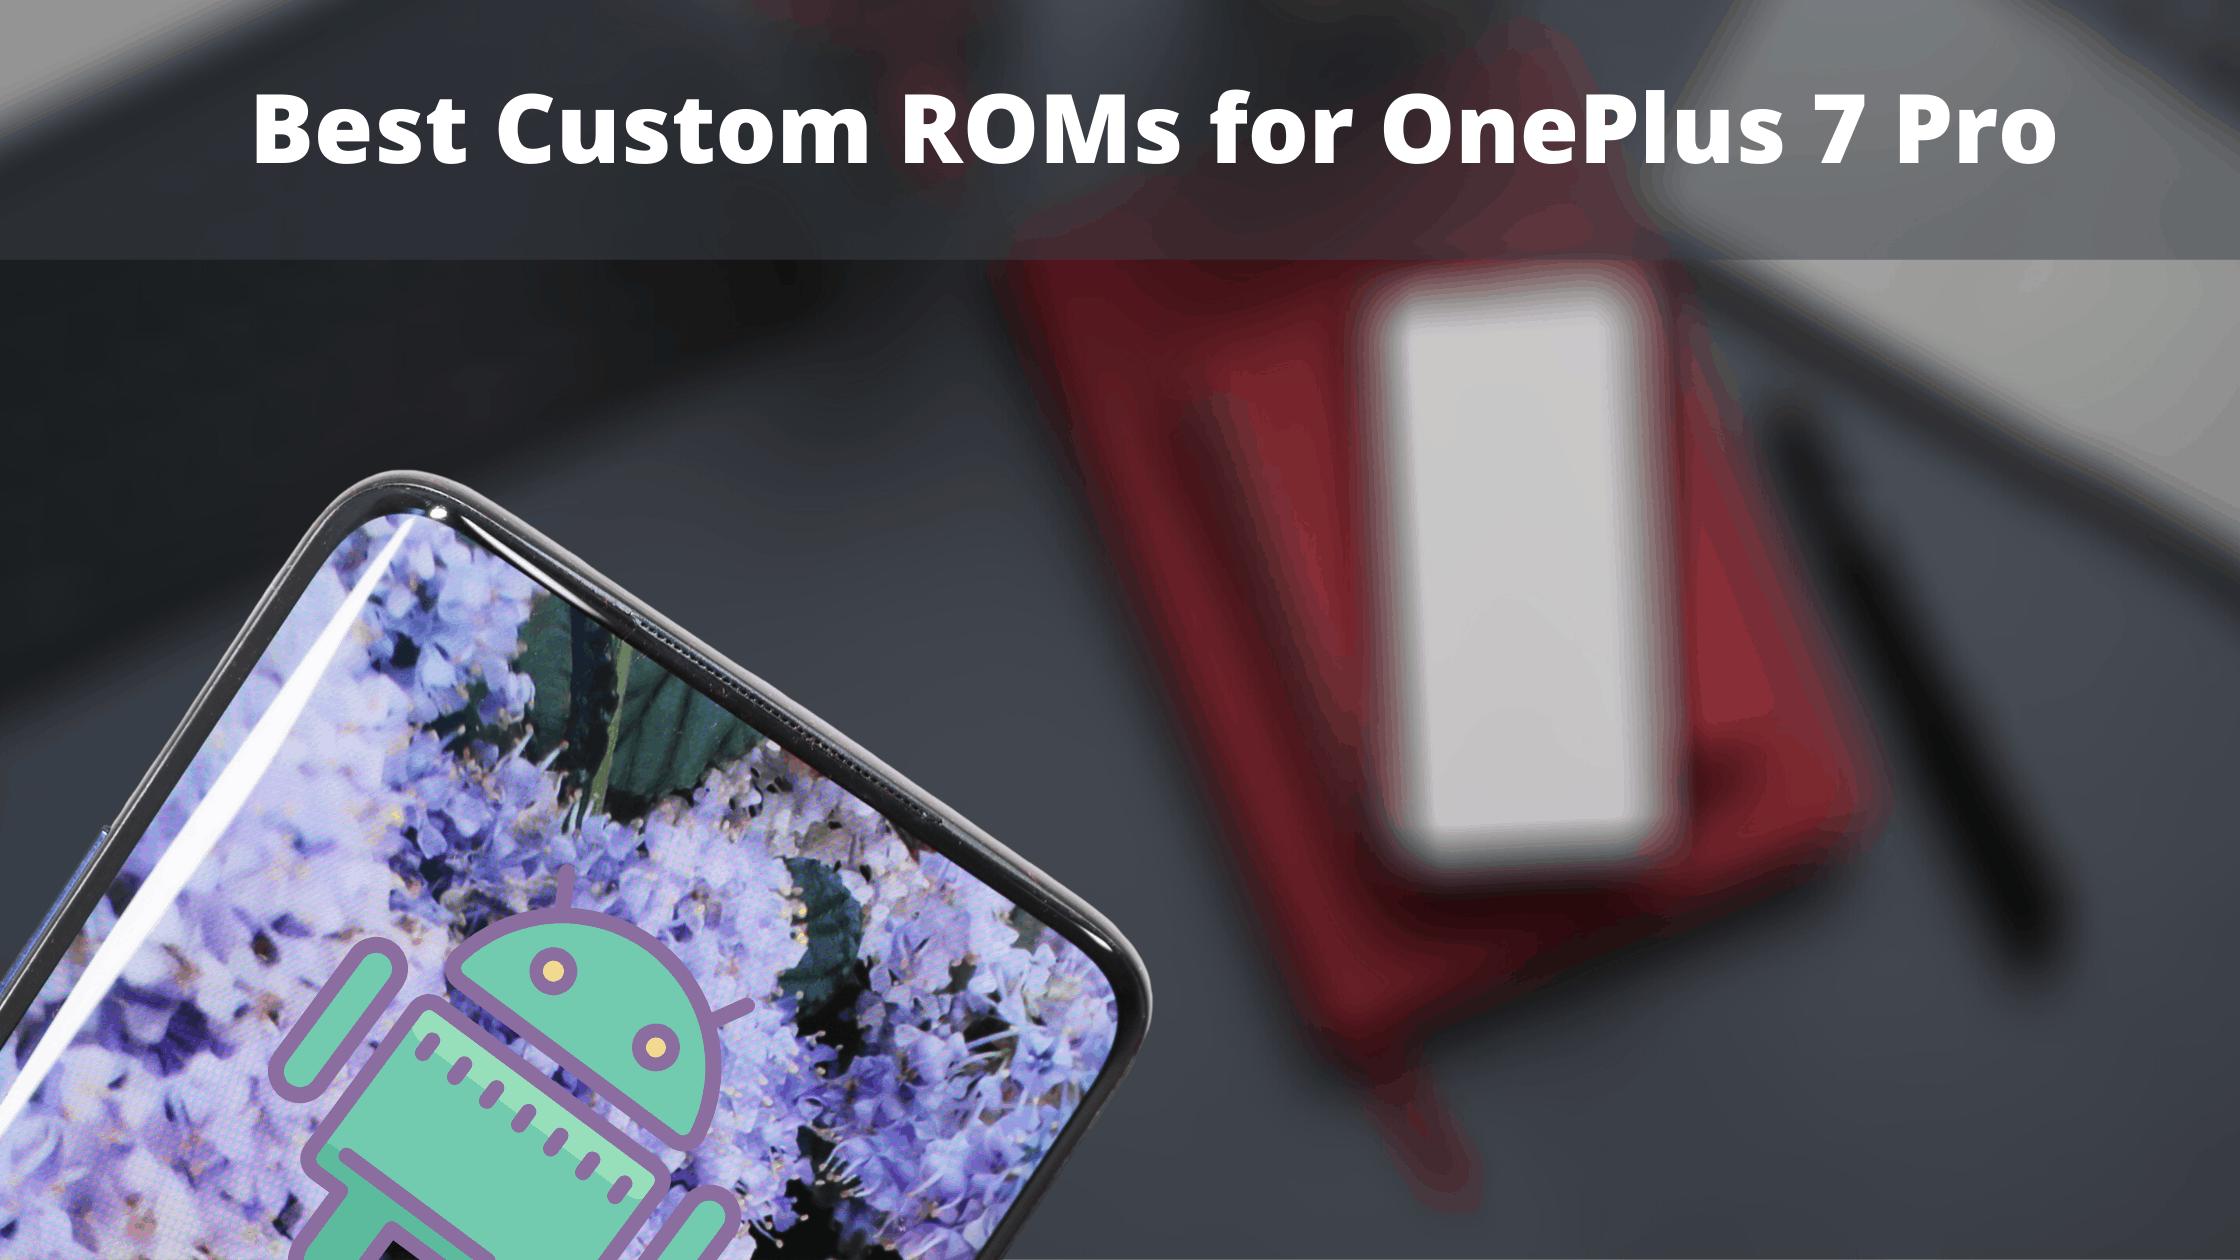 10 Best Custom ROMs for OnePlus 7 Pro